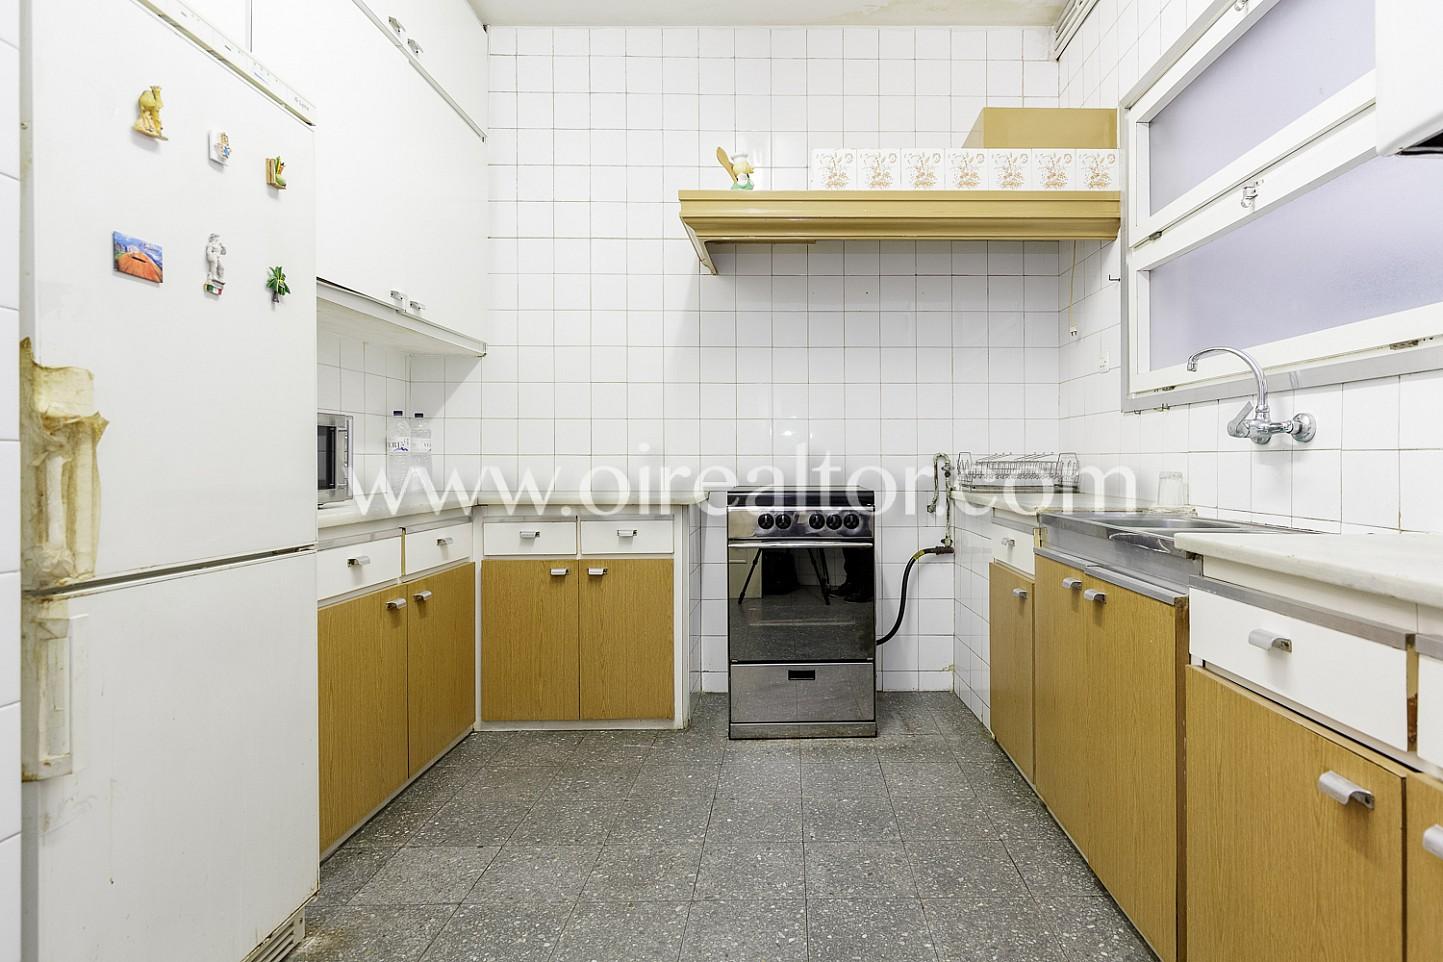 Piso amplio en venta para reformar en sant antoni - Reformar cocina barcelona ...